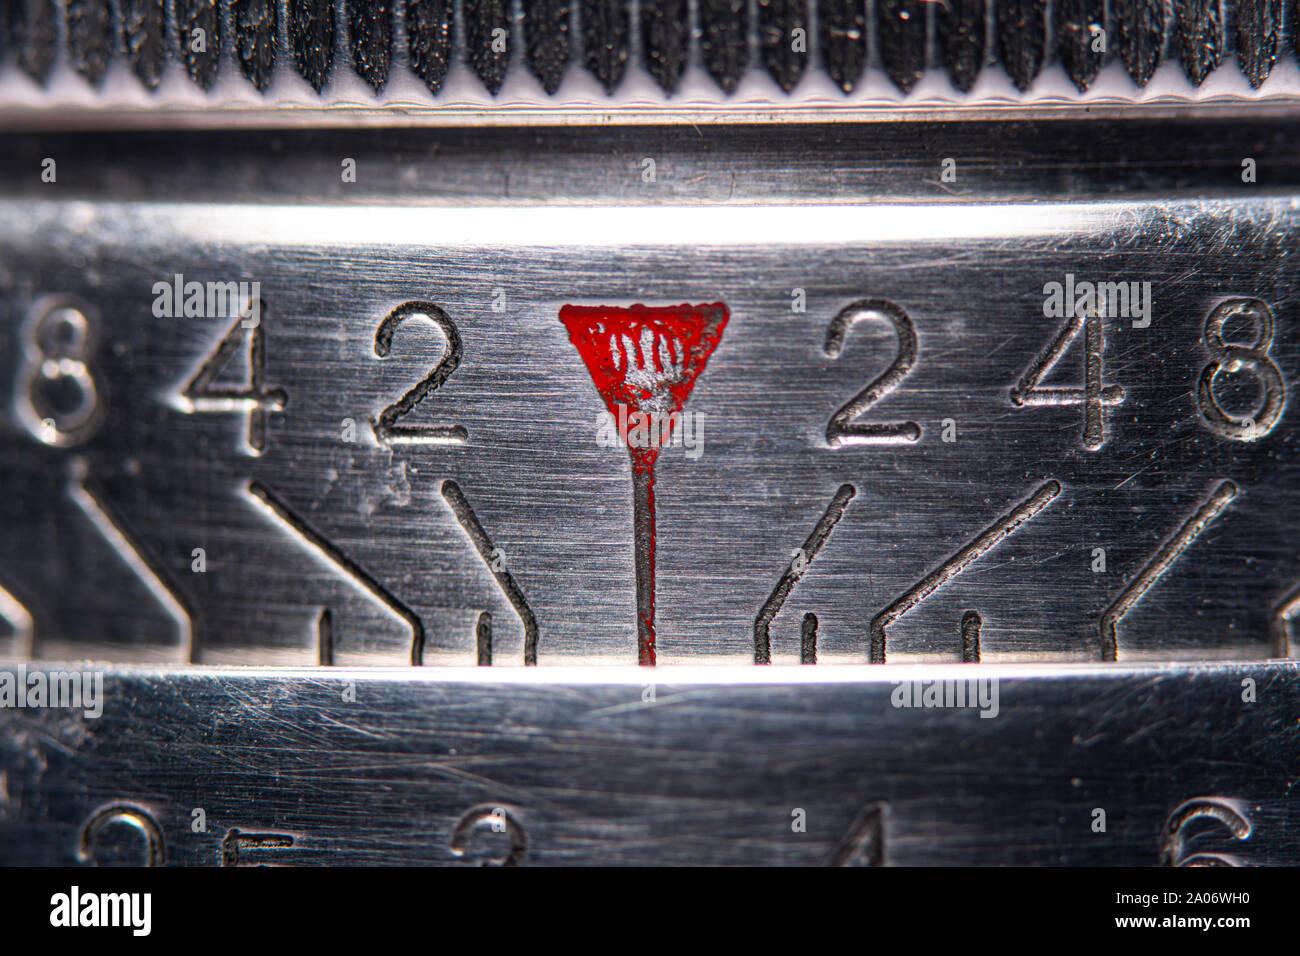 Una macro fotografía de la focalización sobre un antiguo aparato de medición de la lente de la cámara. Foto de stock